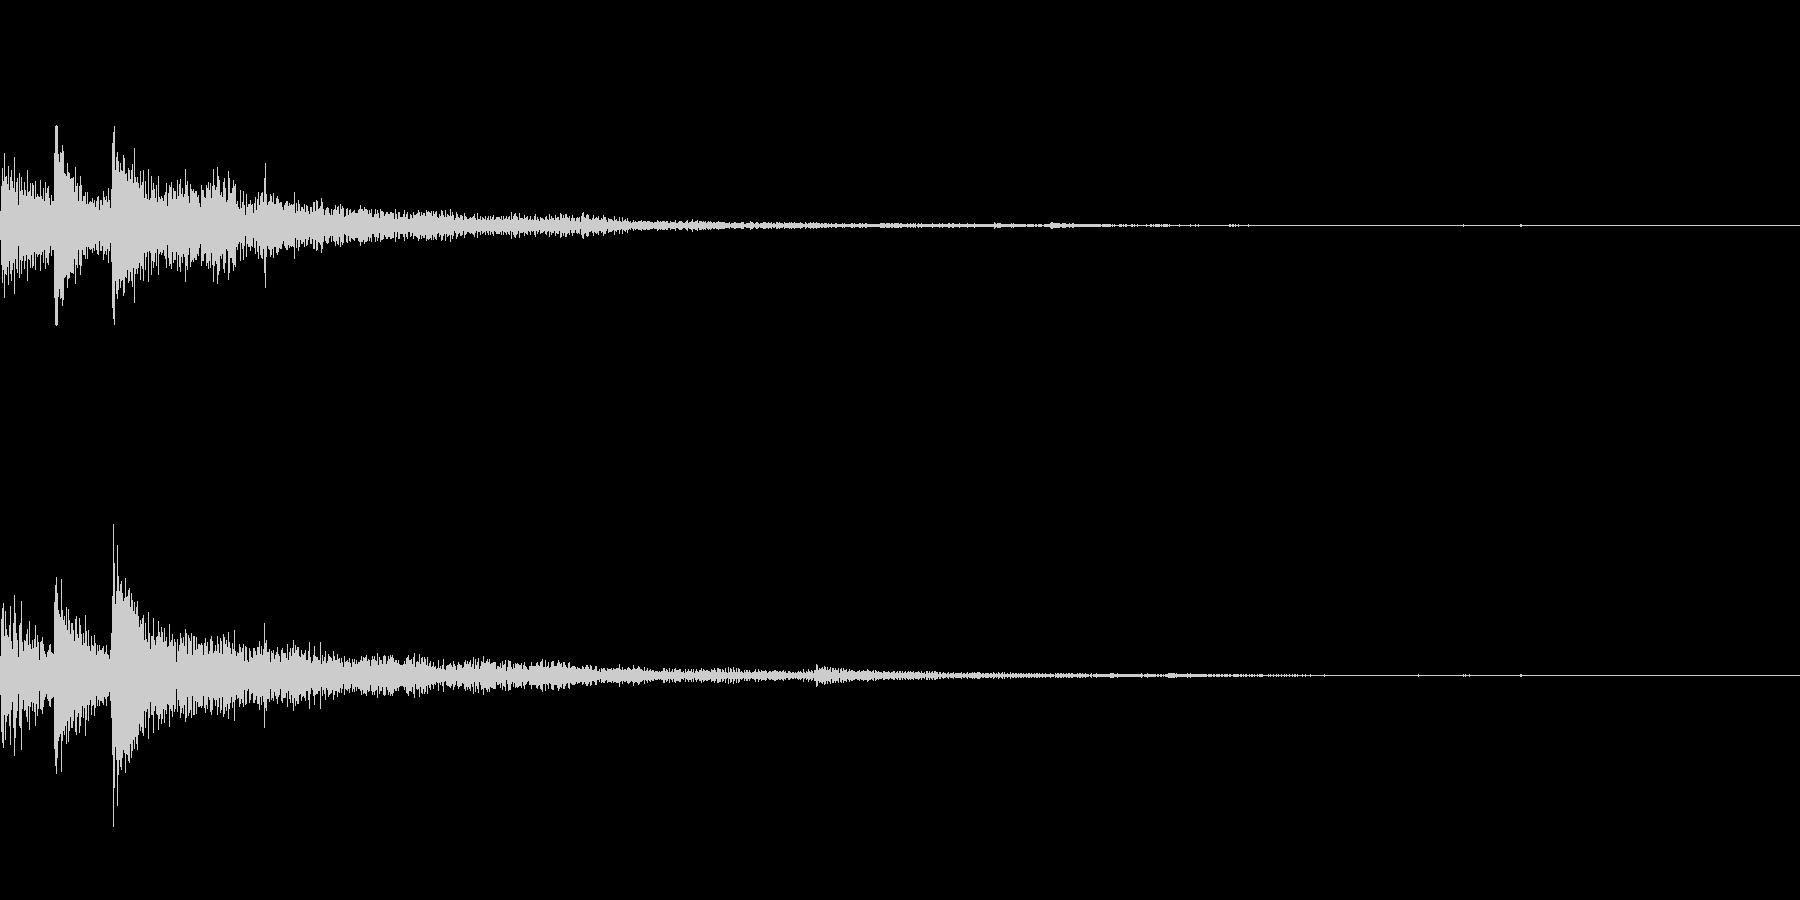 ぽろん♪(連鎖04)の未再生の波形